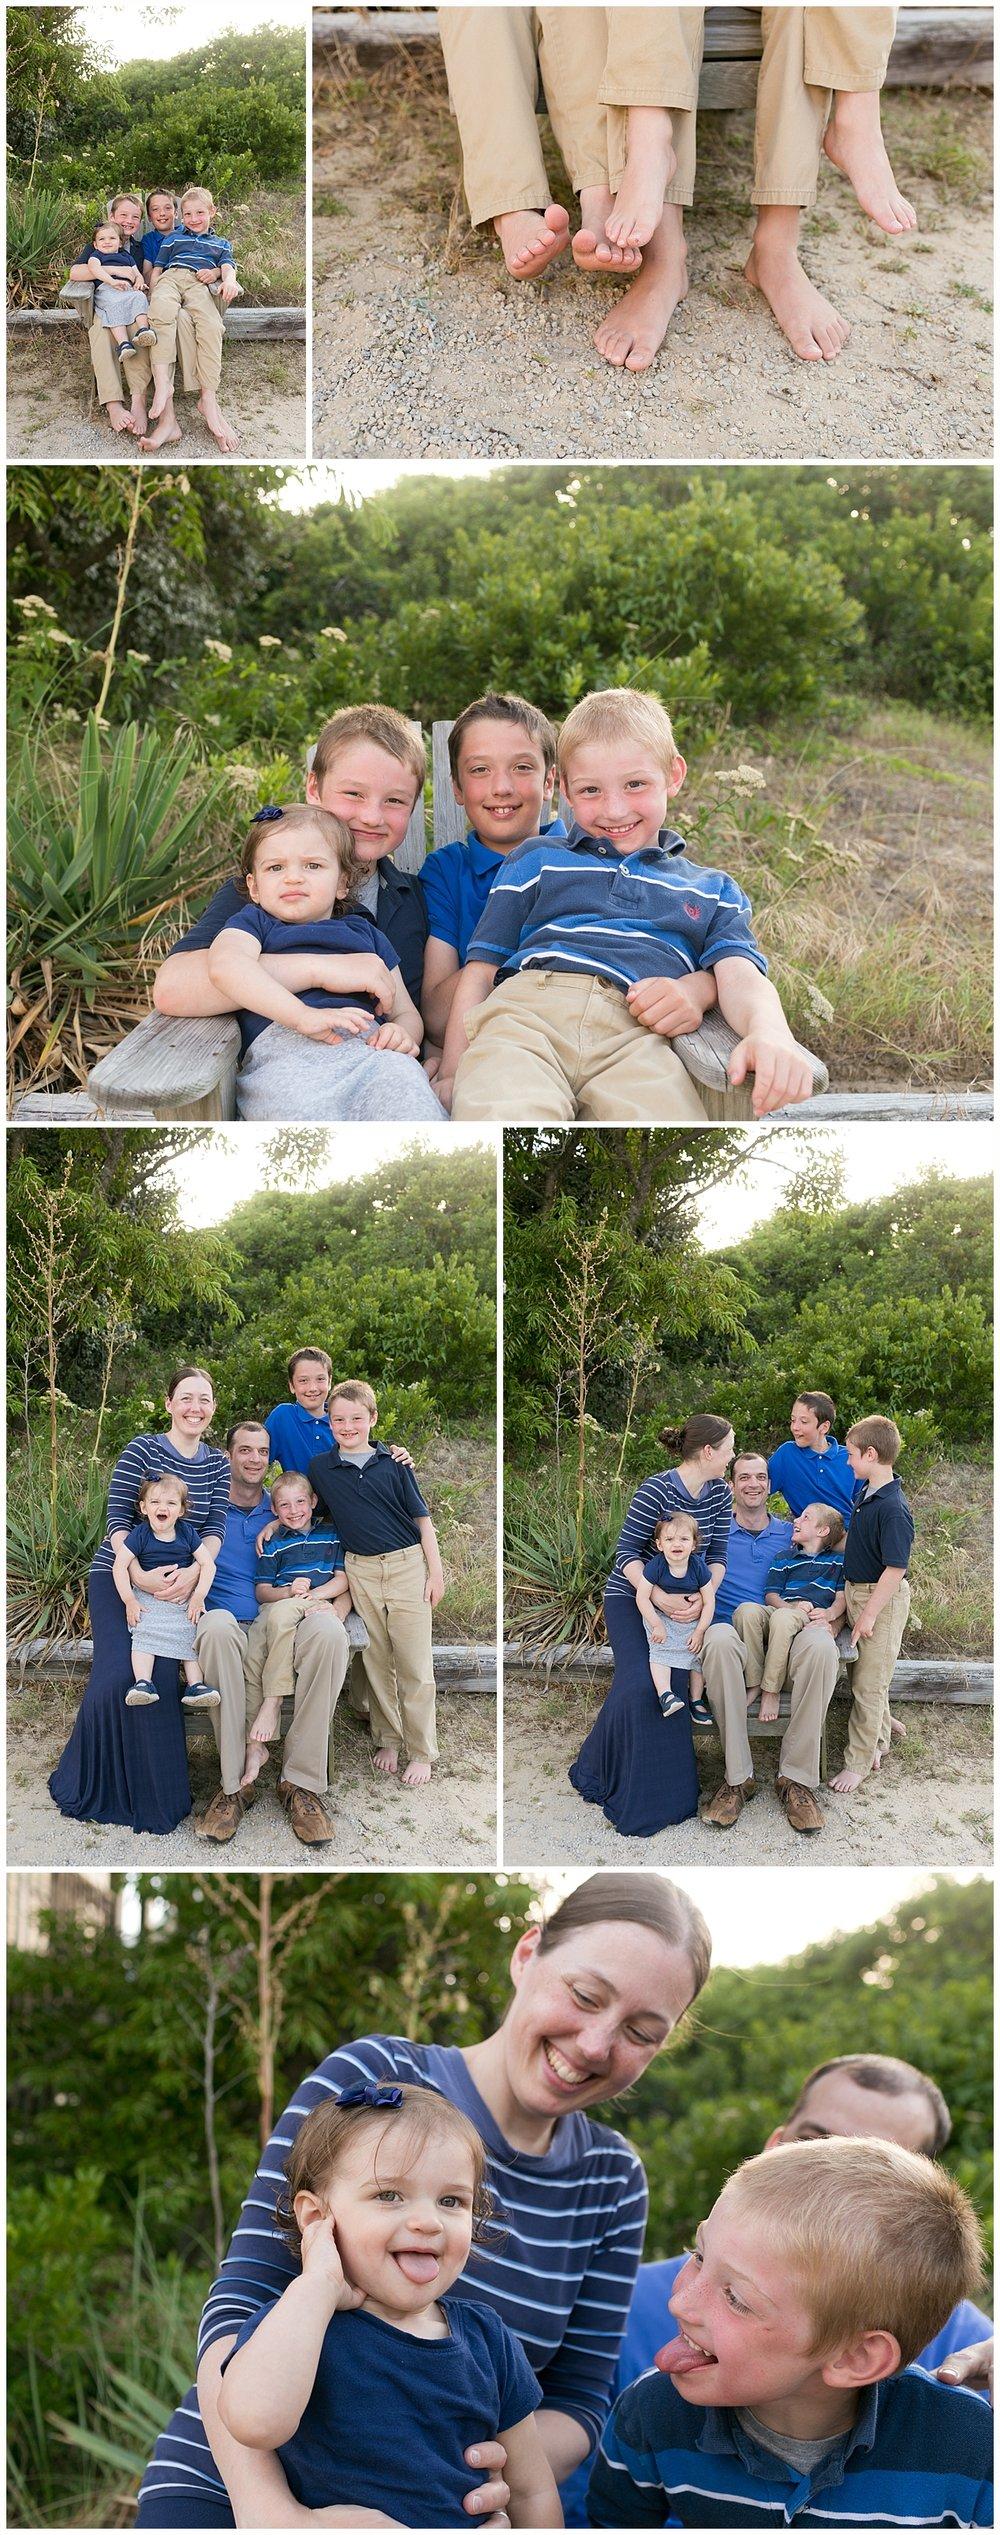 coastal family photos - portraits of family of six